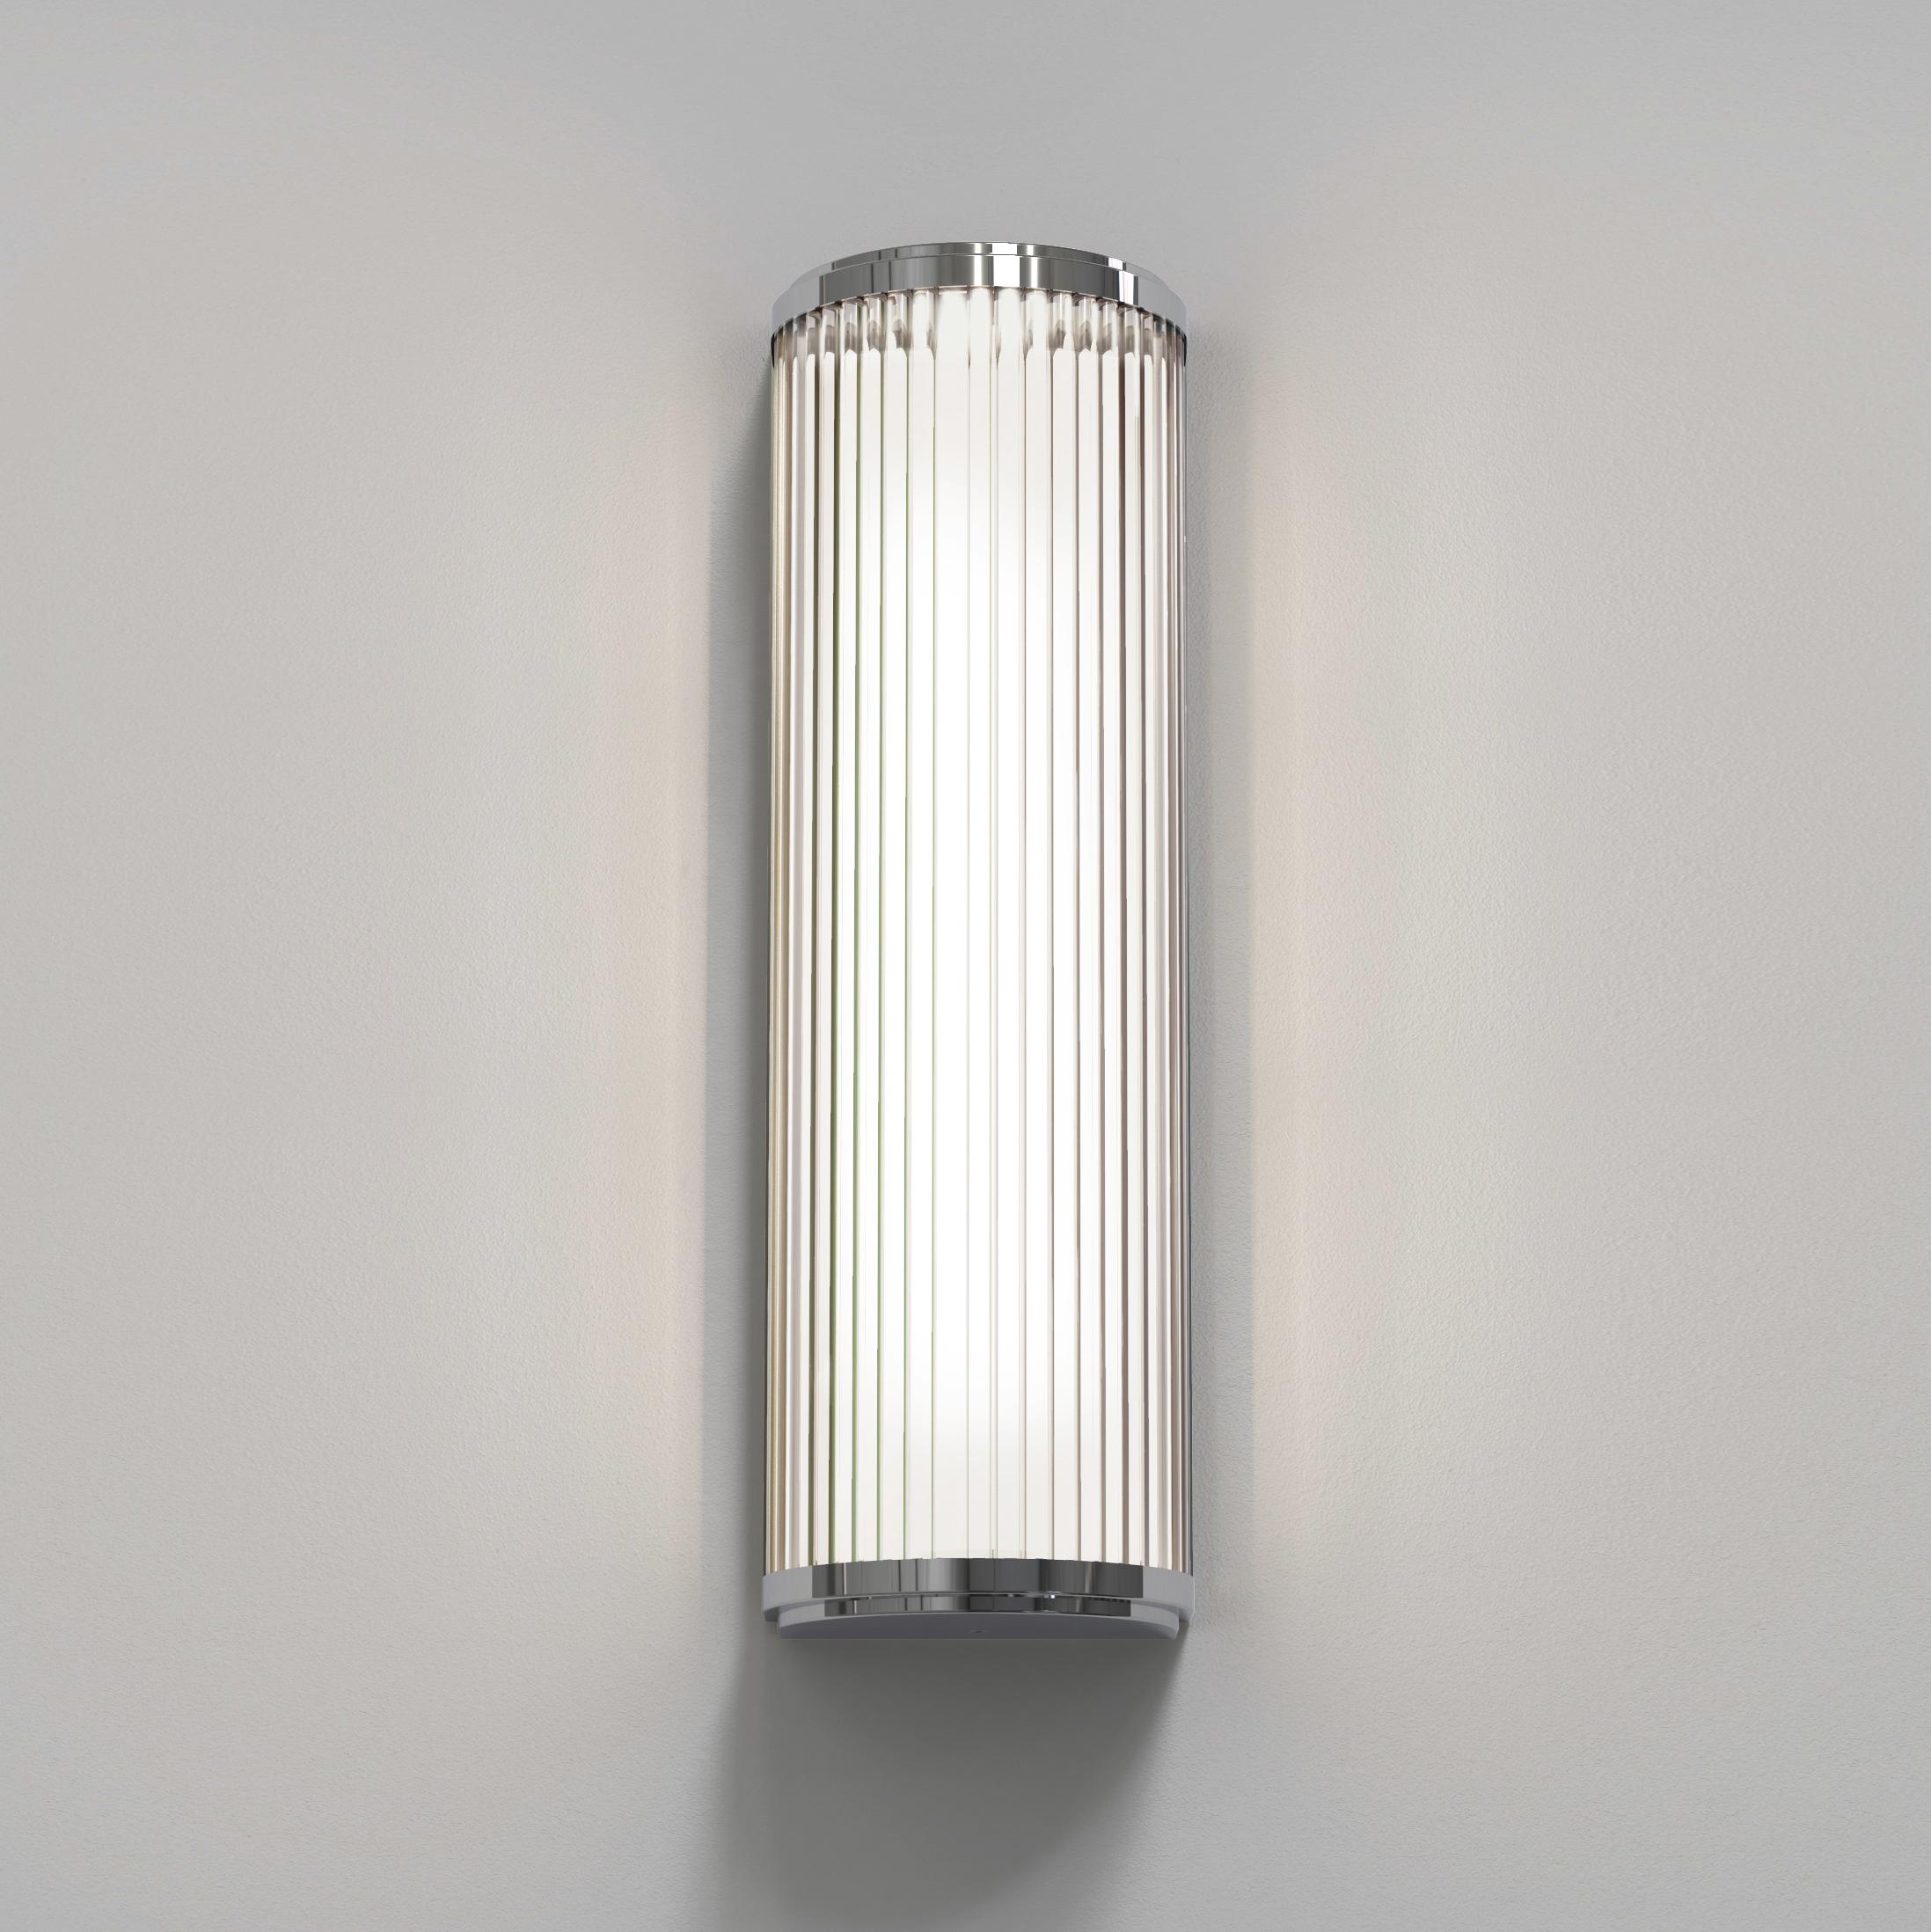 Настенный светодиодный светильник Astro Versailles 1380002 (7838), IP44, LED 7,3W 3000K 739.78lm CRI80, хром, стекло - фото 2